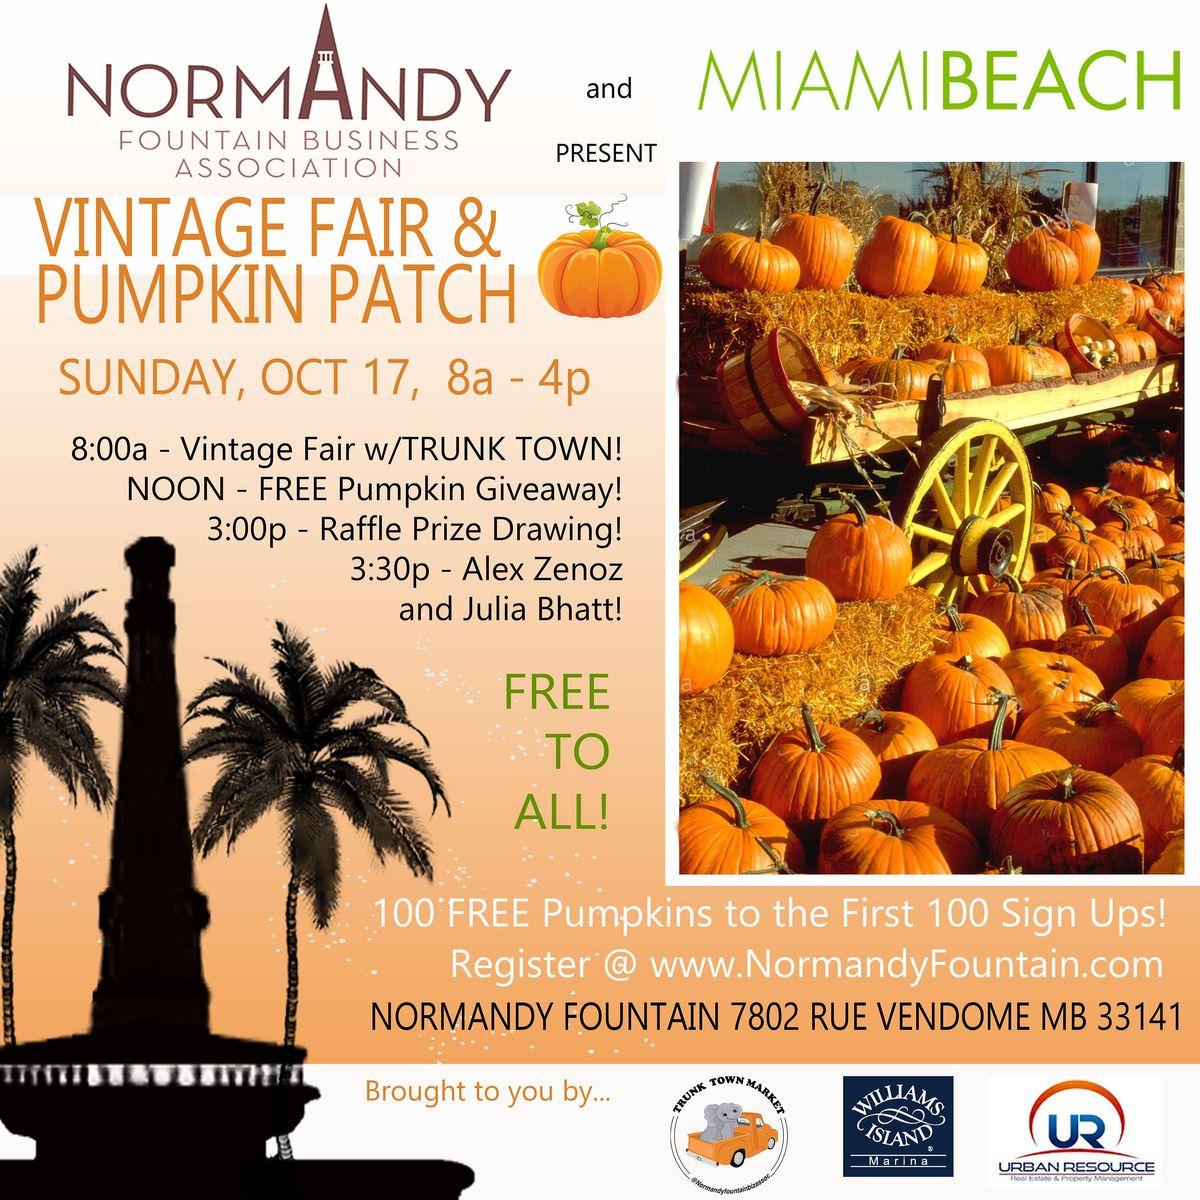 Vintage Fair & Pumpkin Patch at Normandy Fountain - Miami Beach